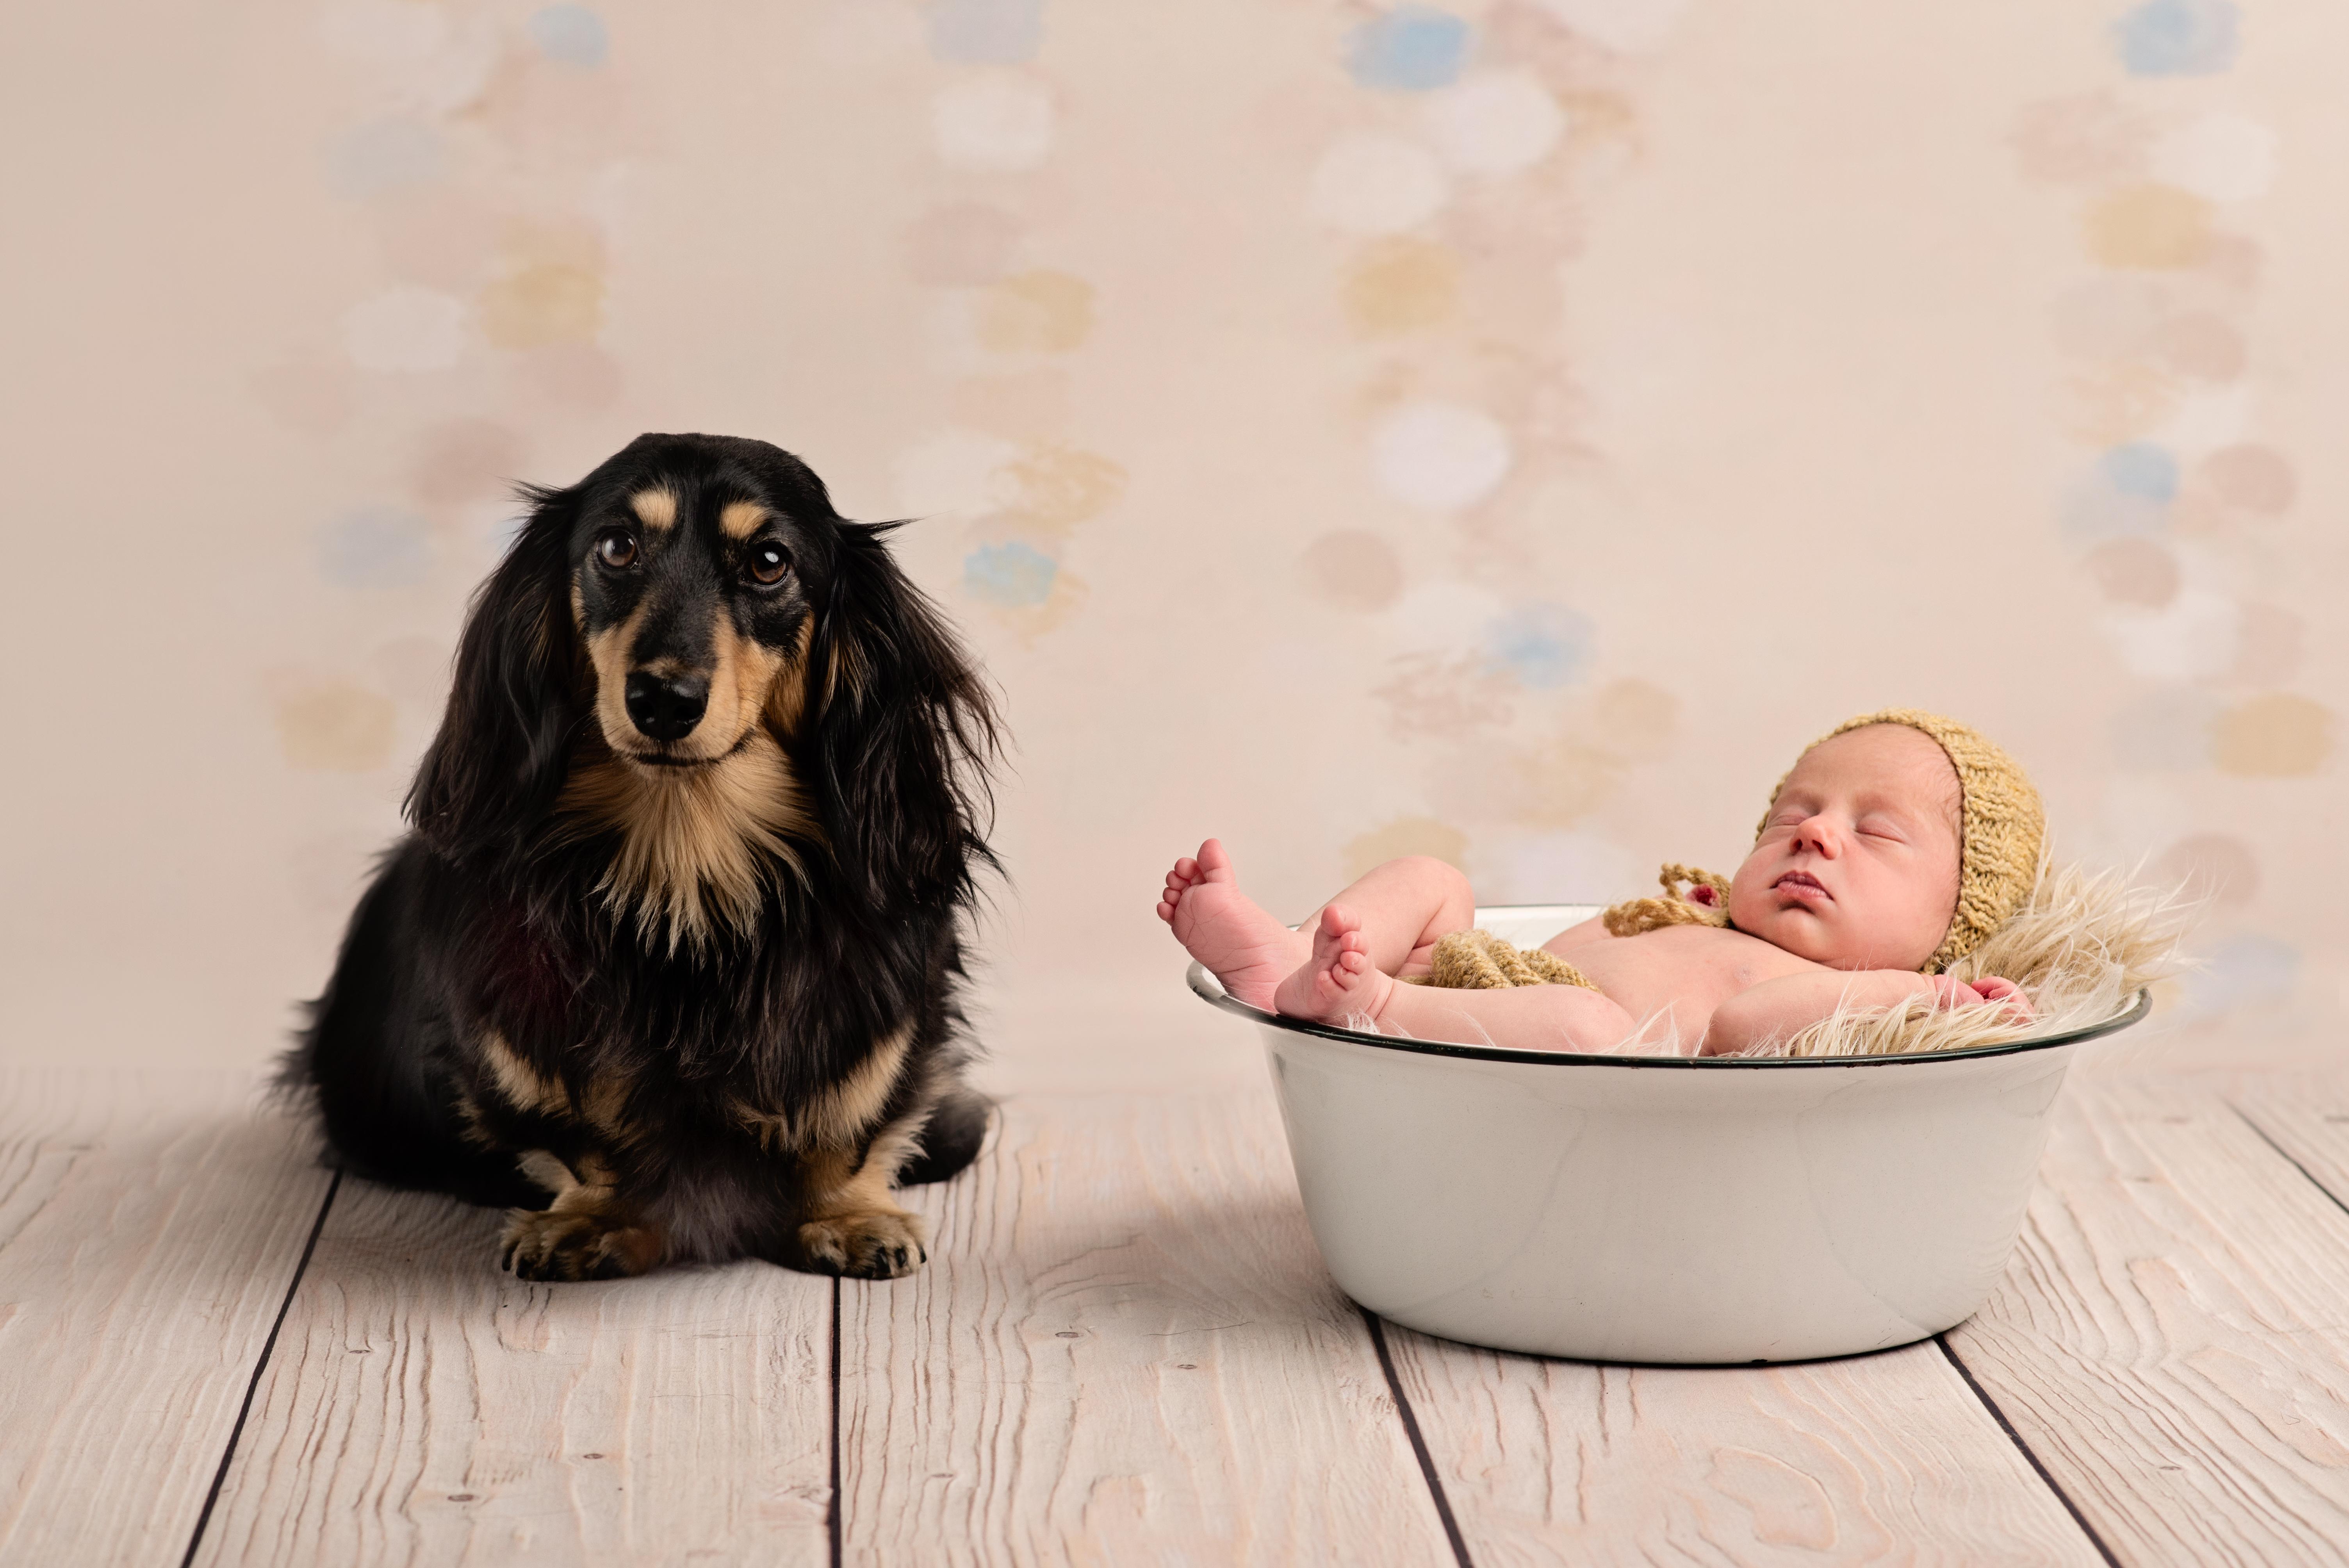 Dog and baby photography ola molik photography 7